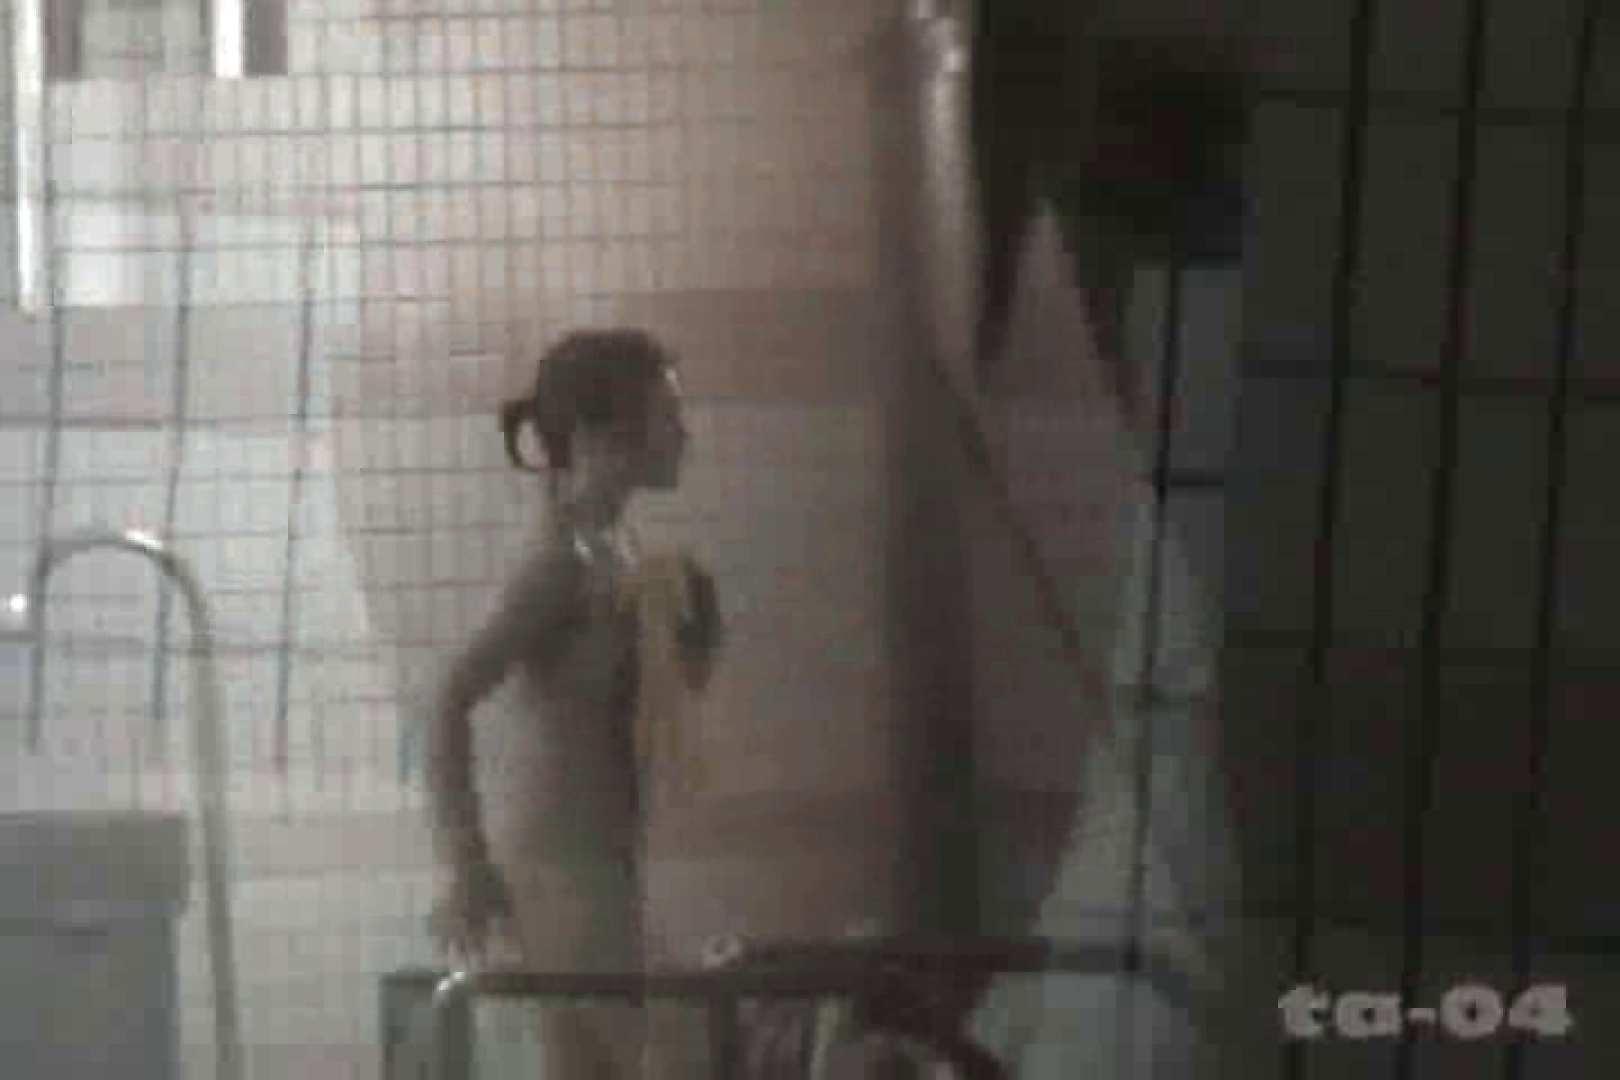 合宿ホテル女風呂盗撮高画質版 Vol.04 ホテルで絶頂 スケベ動画紹介 83画像 28